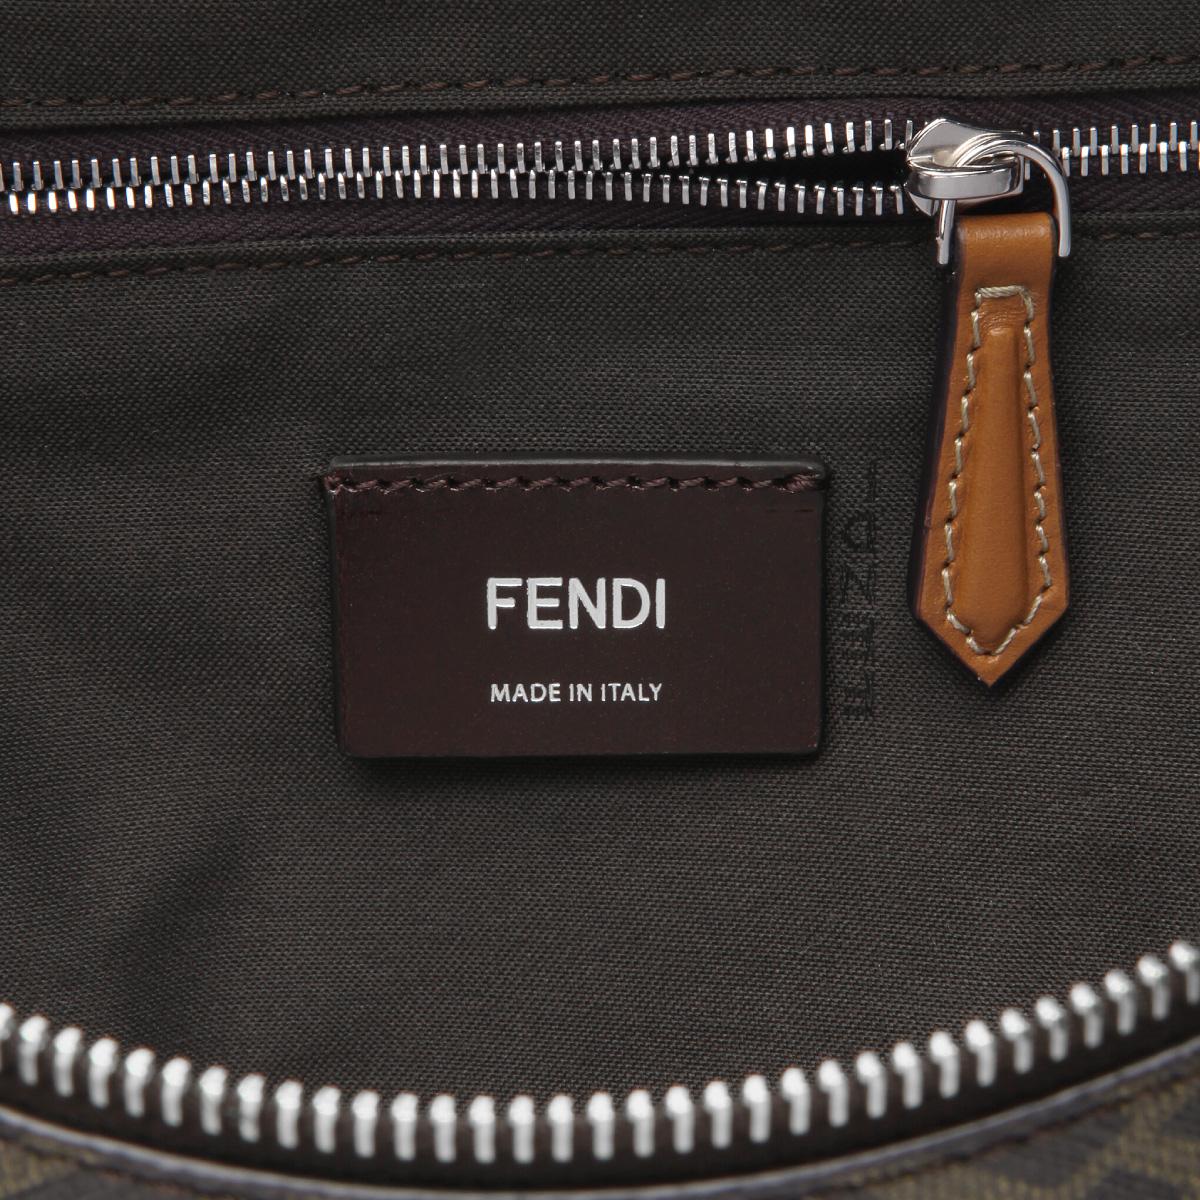 FENDI フェンディ | ウエストバッグ